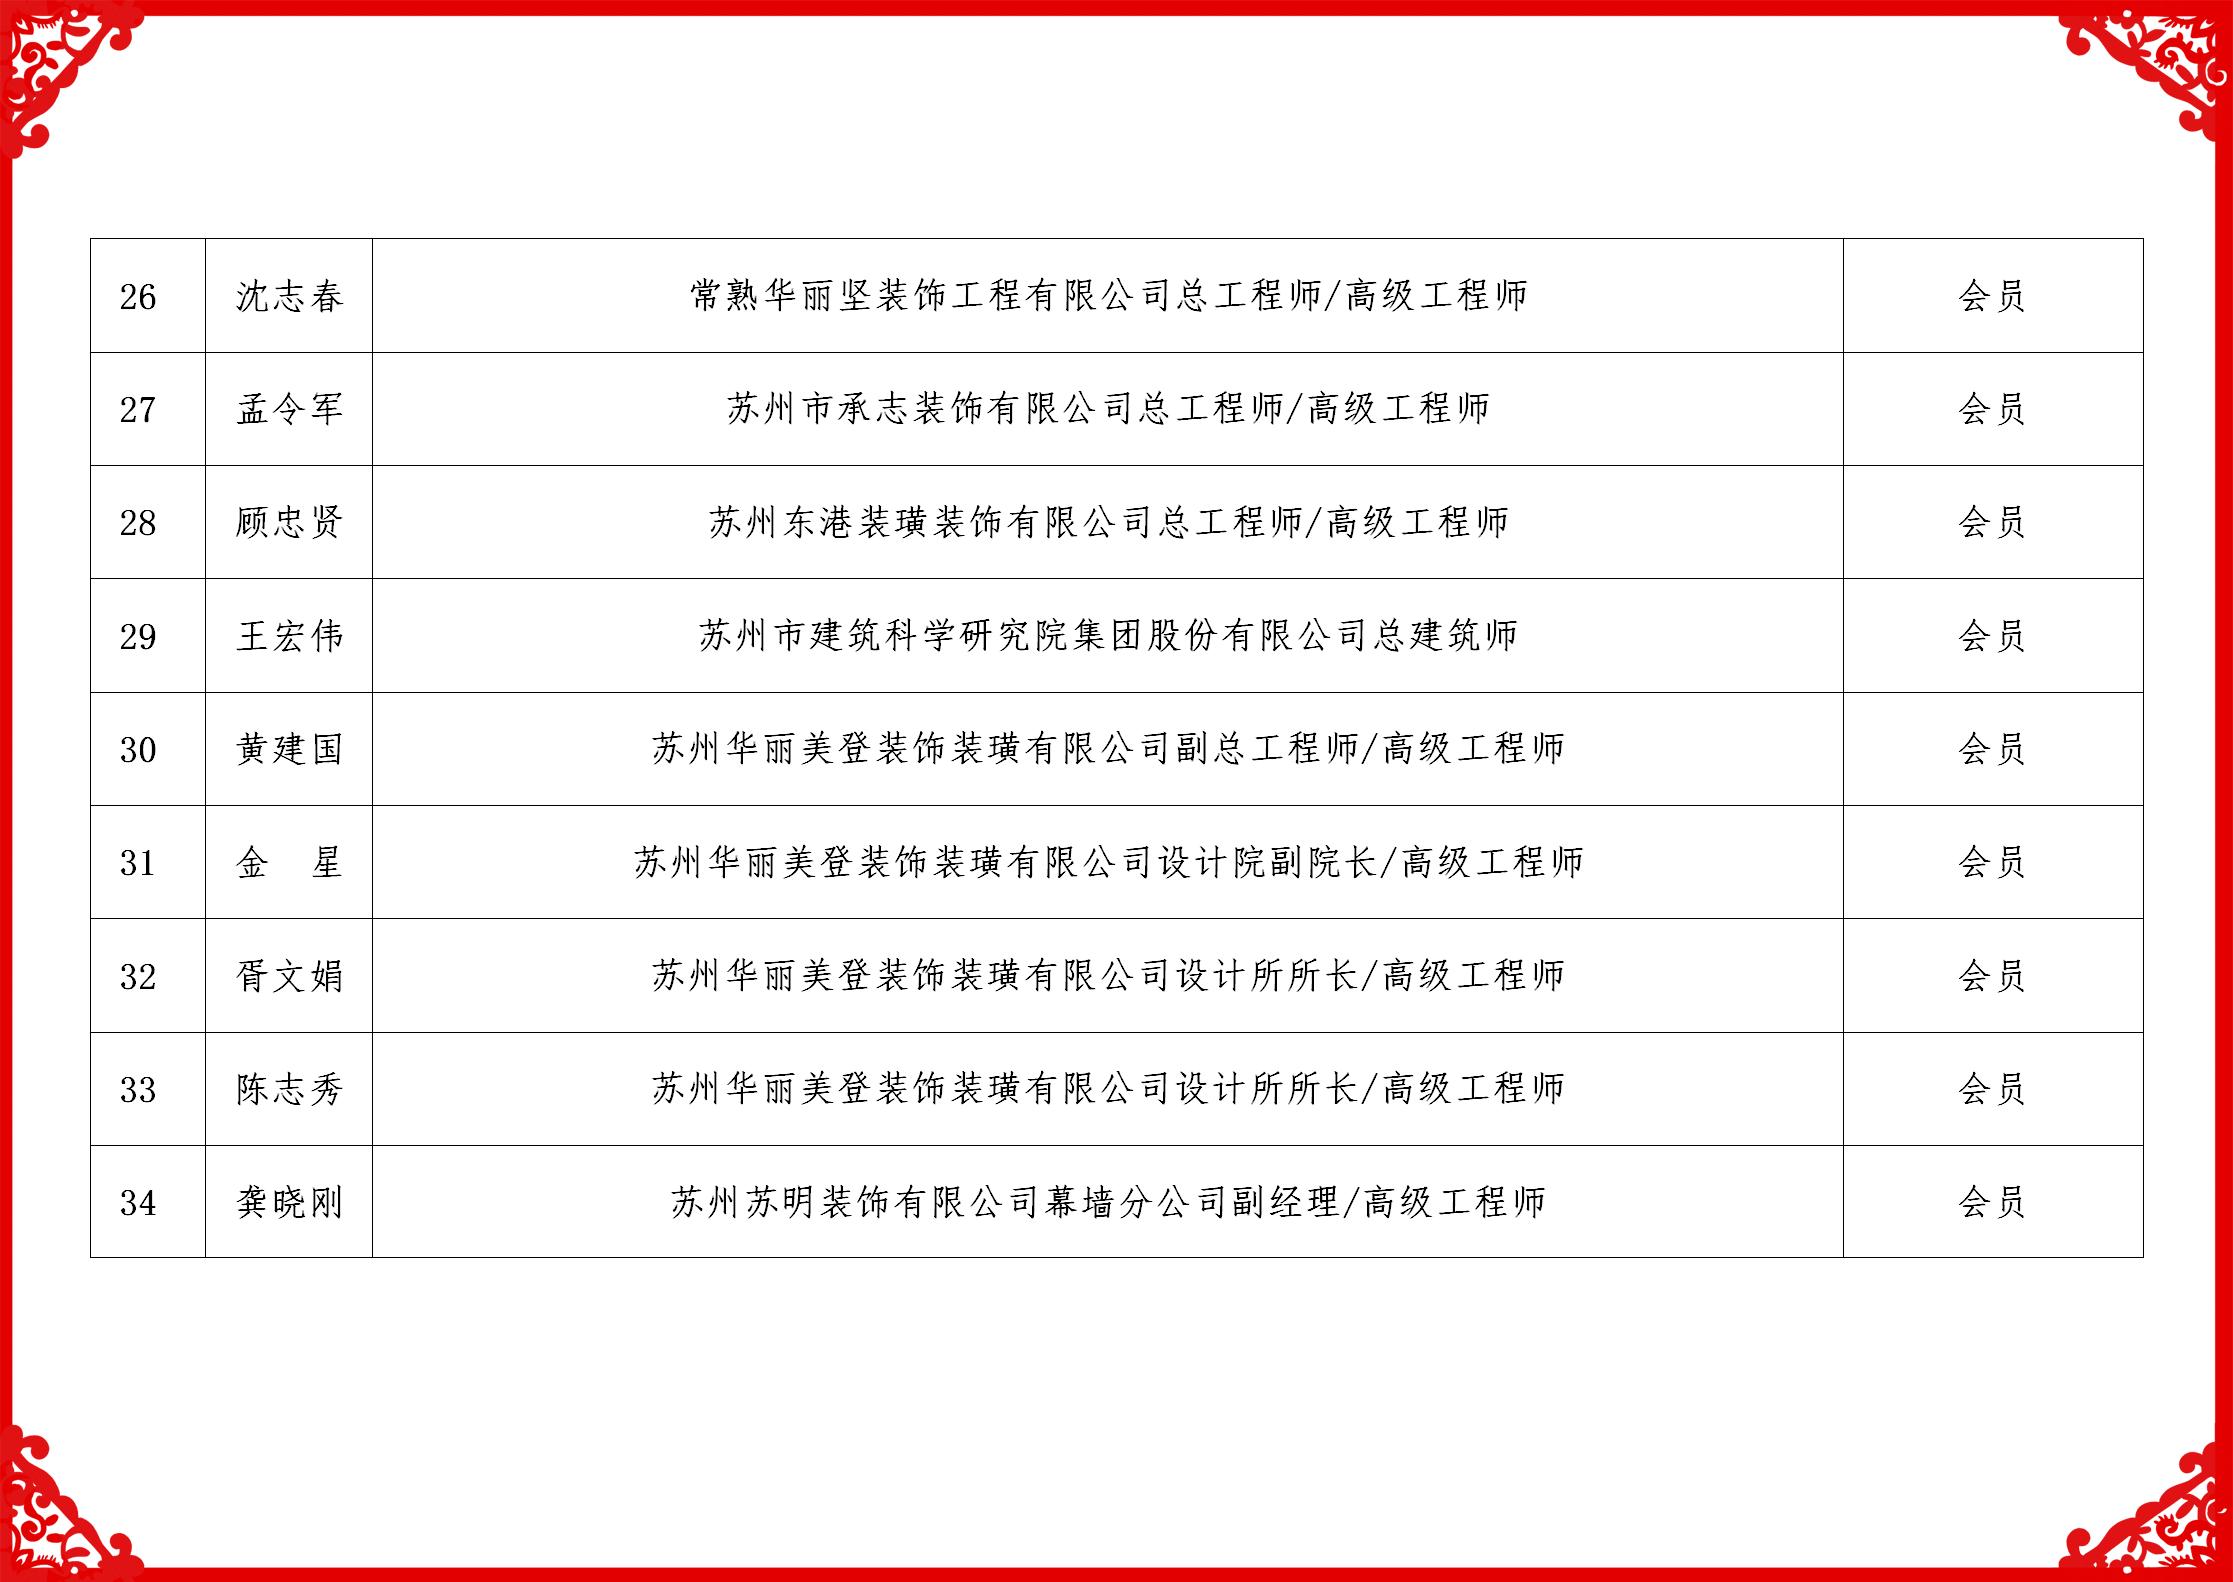 2019科技委名单_04